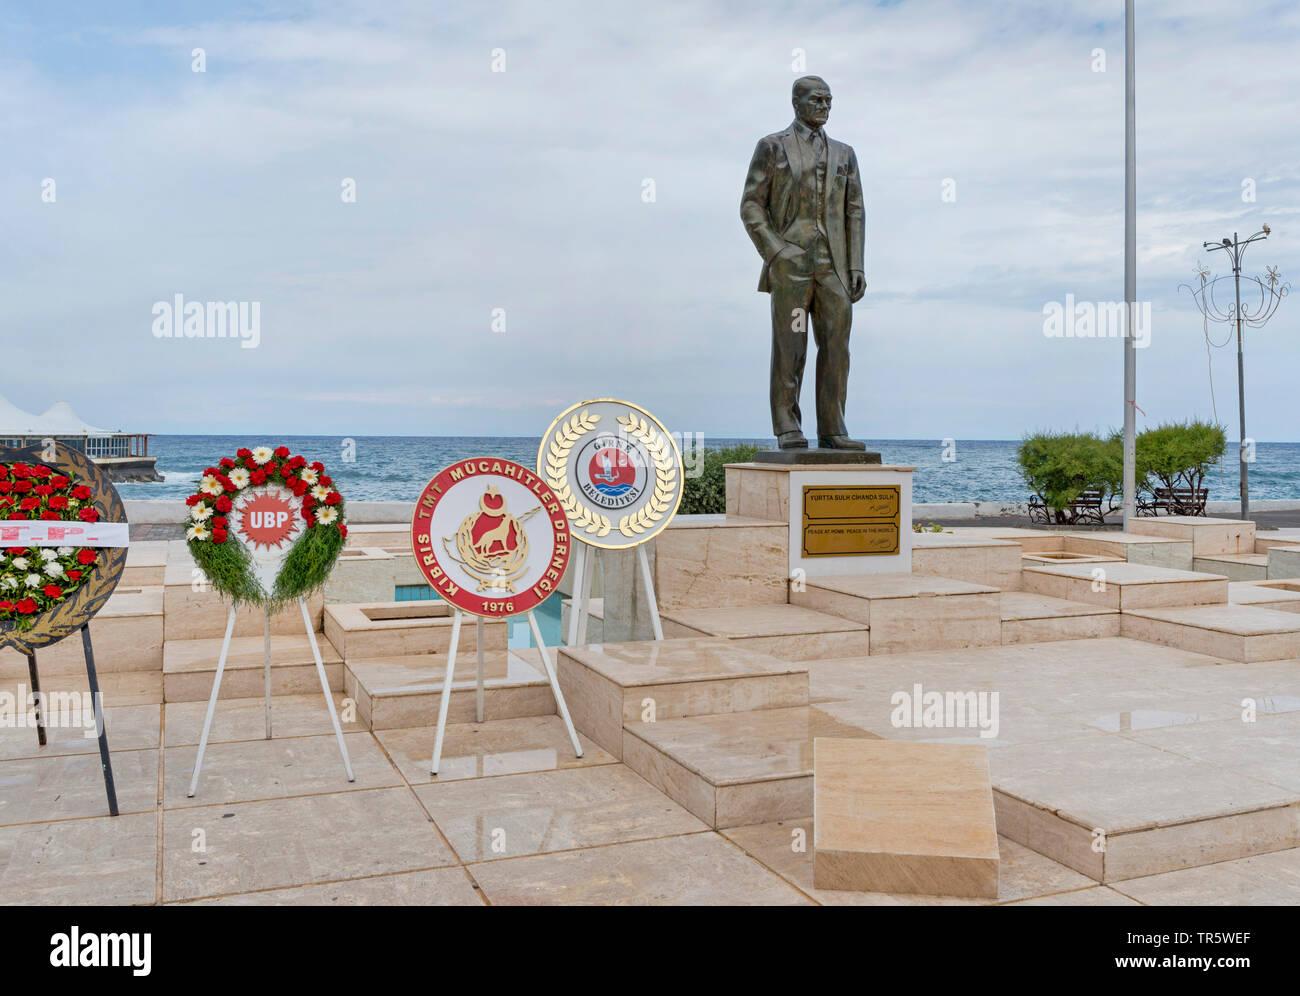 Statue von Mustafa Kemal Atatuerk, Zypern, Nordzypern, Girne | statie of Mustafa Kemal Atatuerk, Cyprus, Nordzypern, Girne | BLWS466659.jpg [ (c) blic - Stock Image